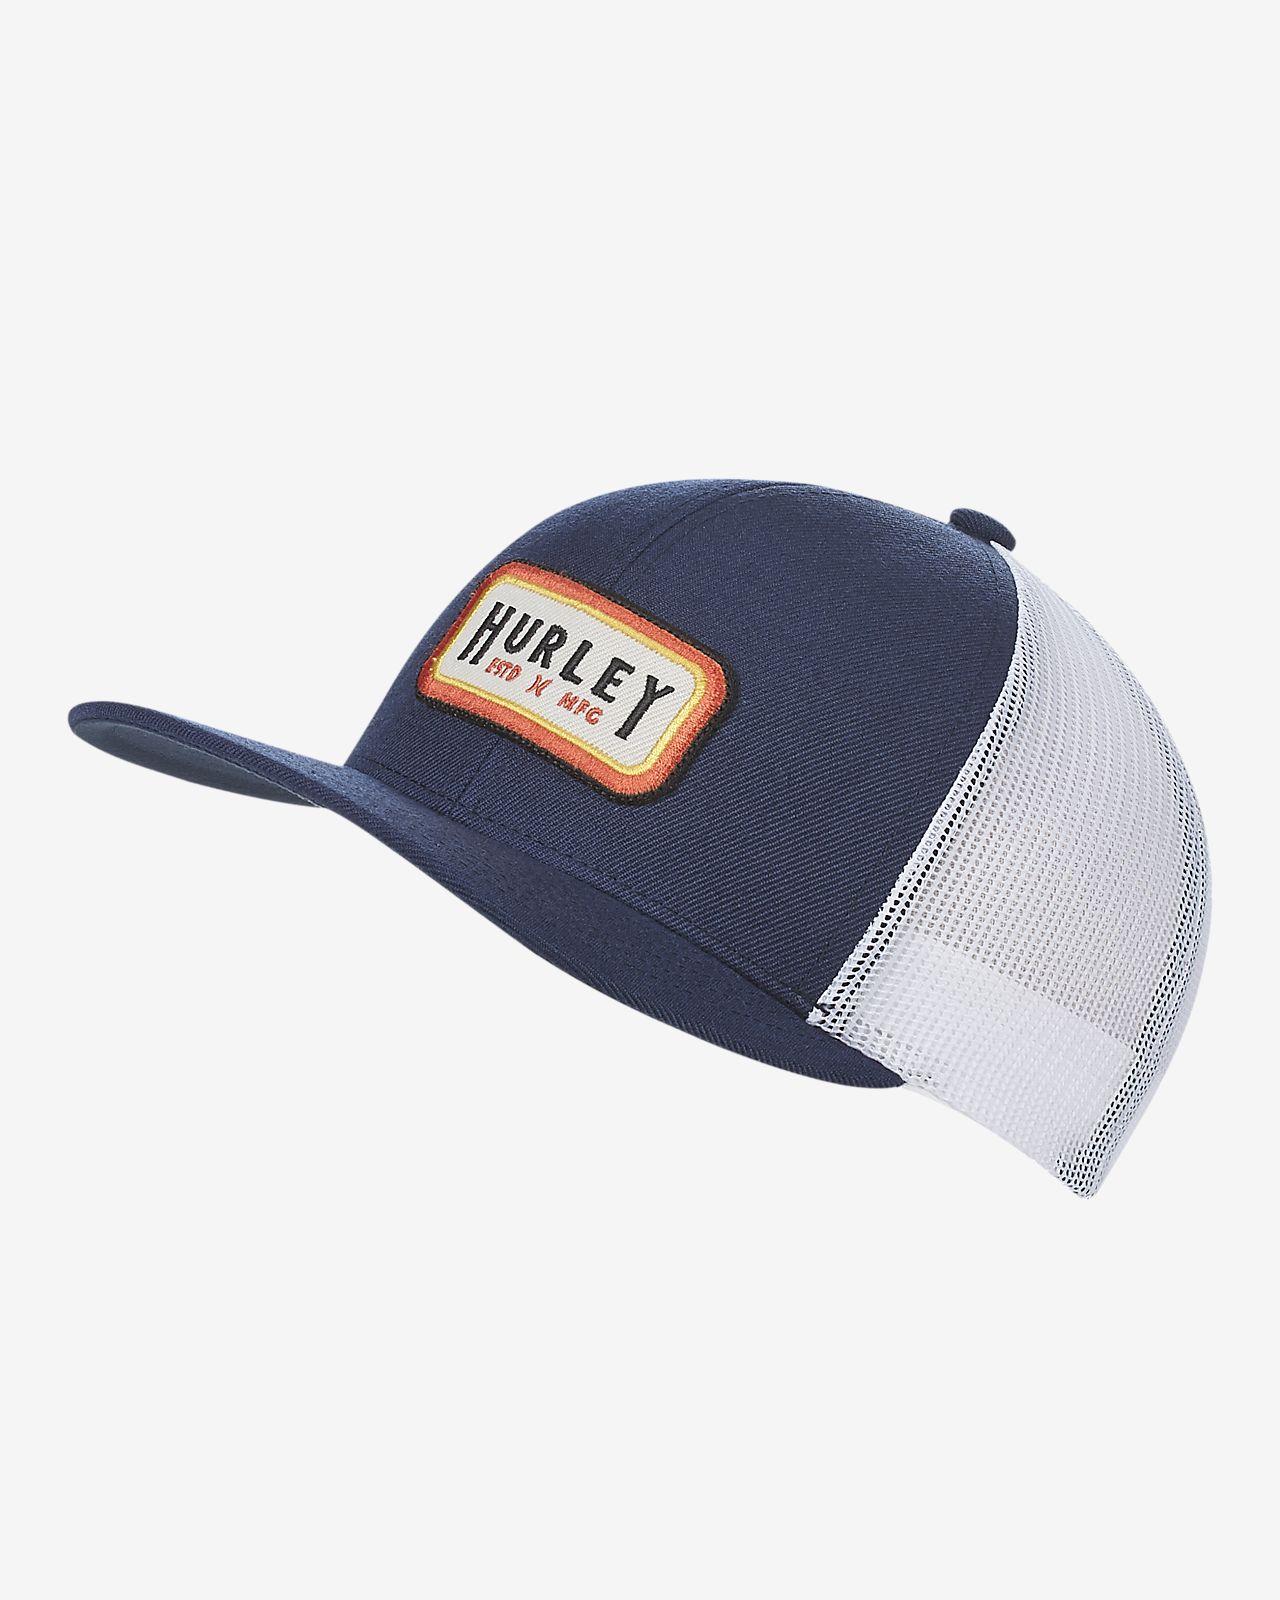 Hurley Shiner Men's Hat